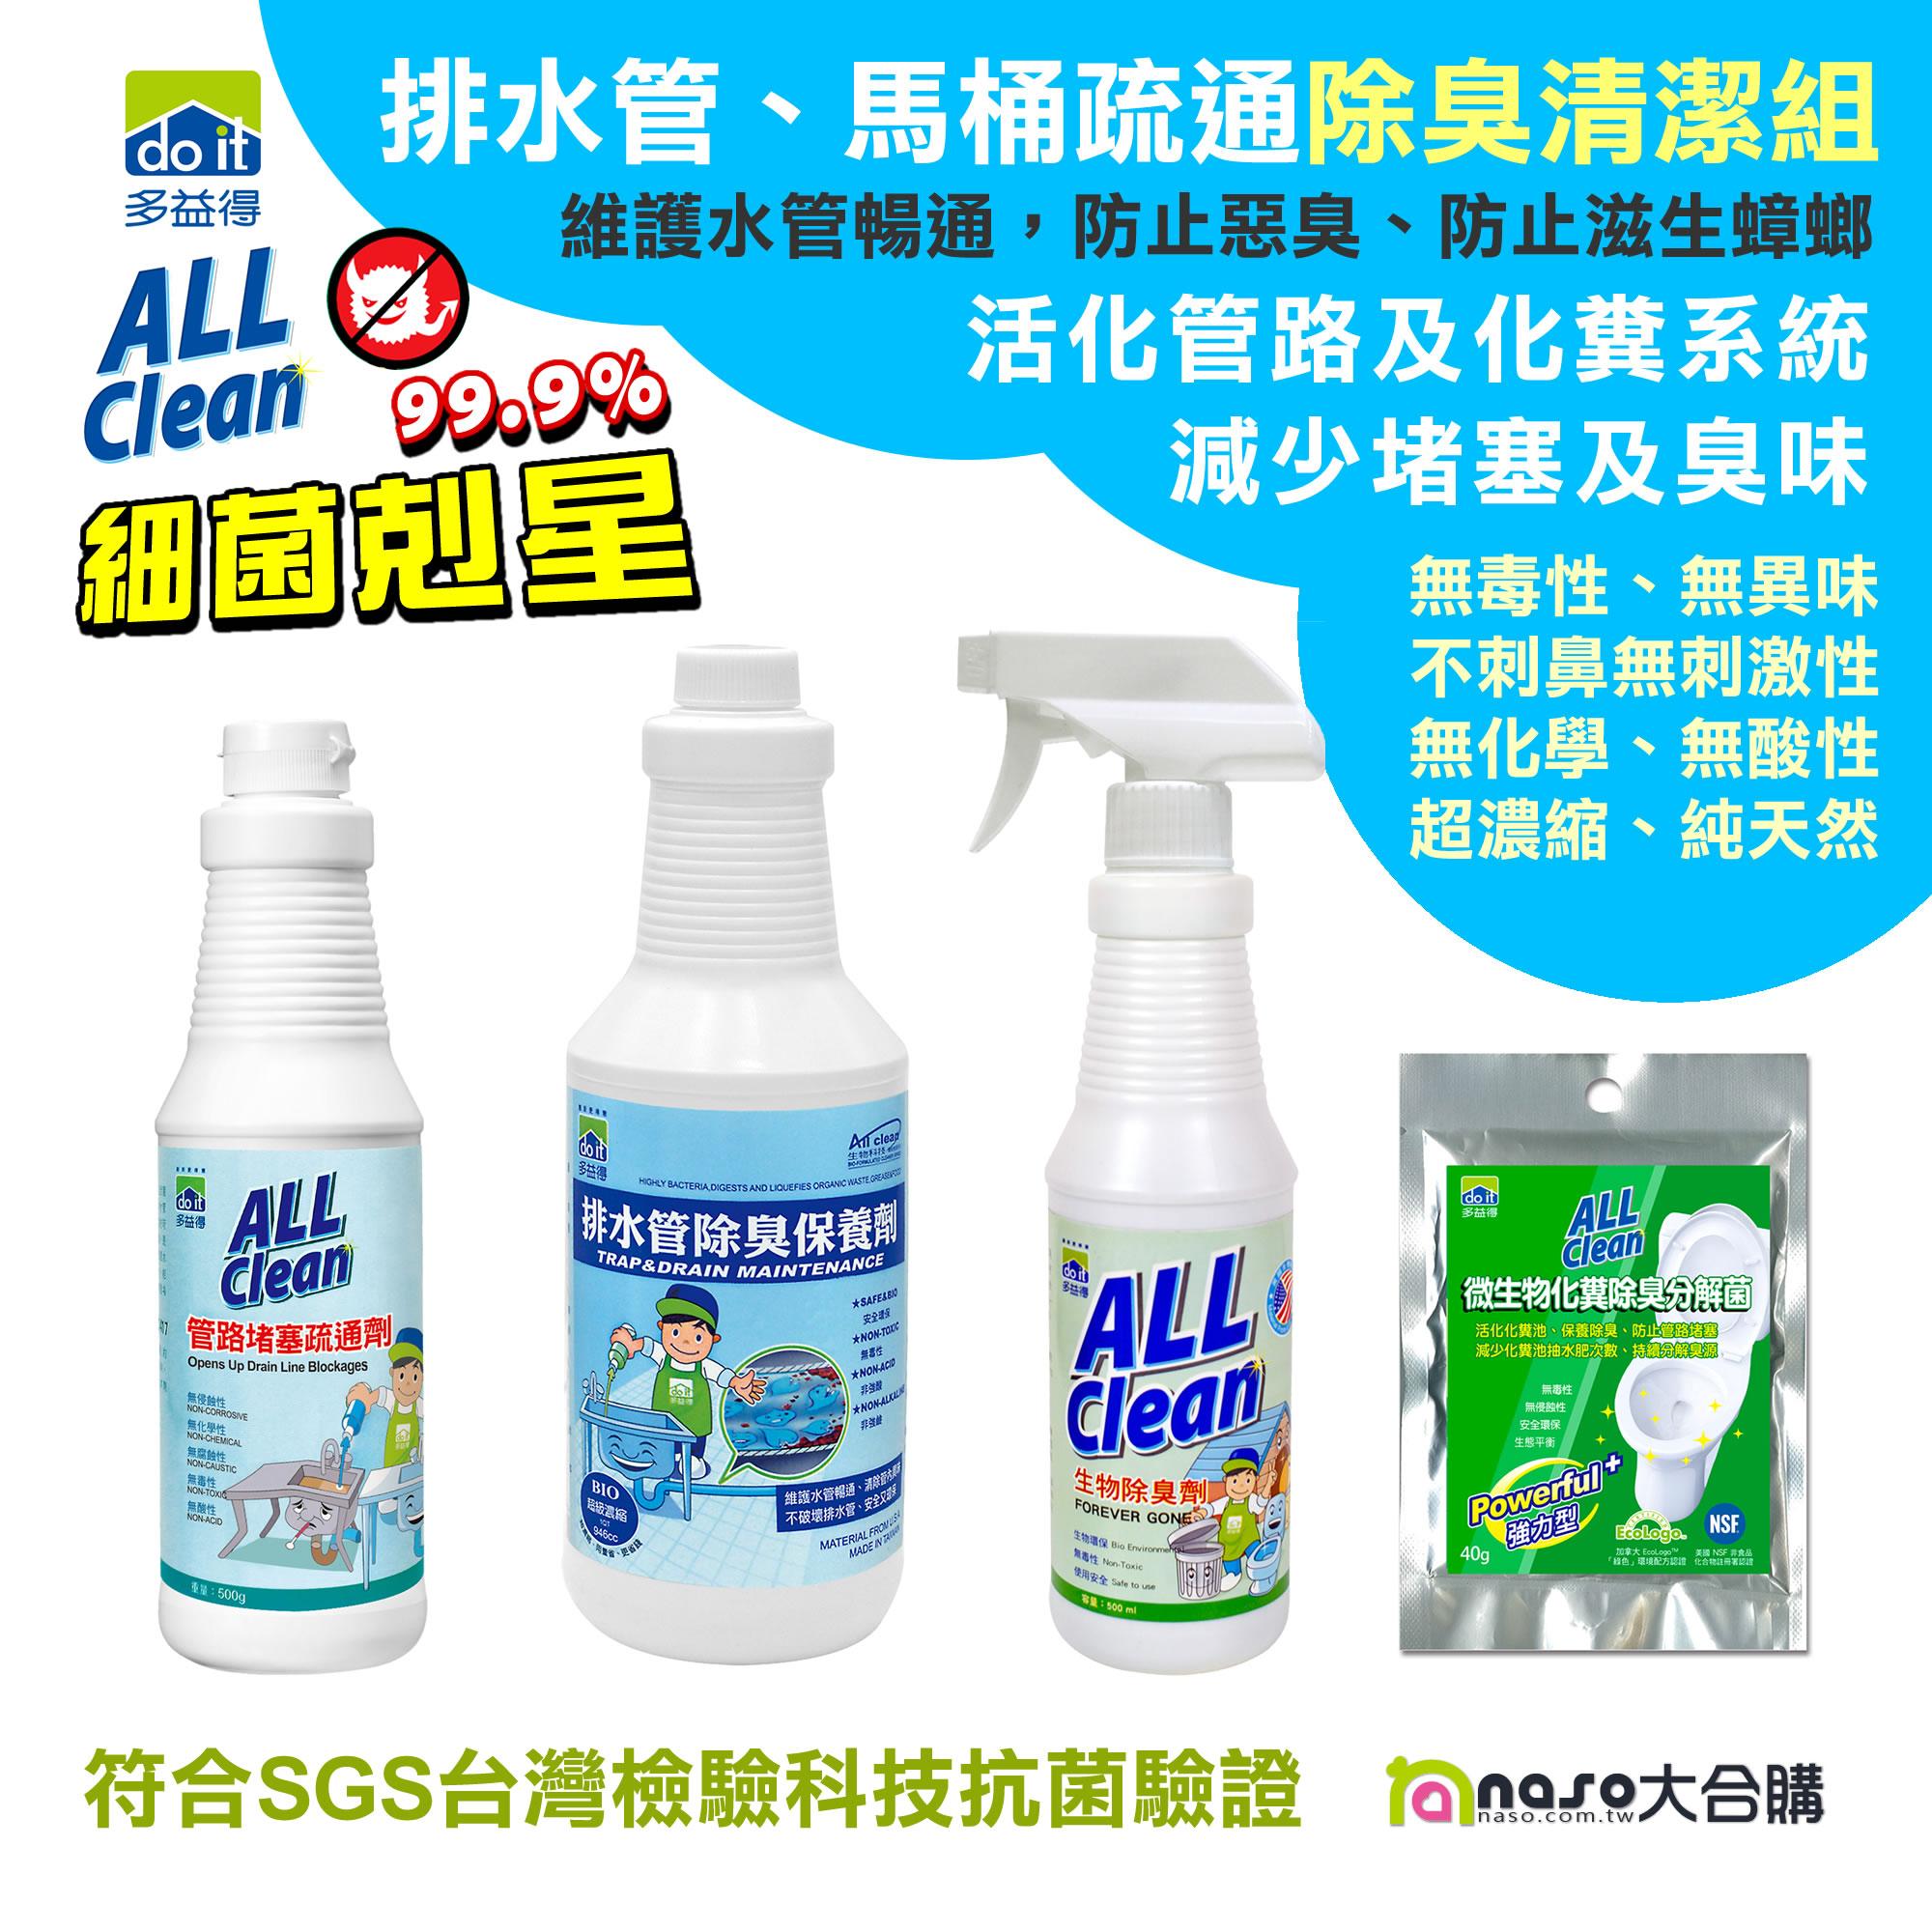 多益得夏日環境除臭消毒抗菌組 好評第2團